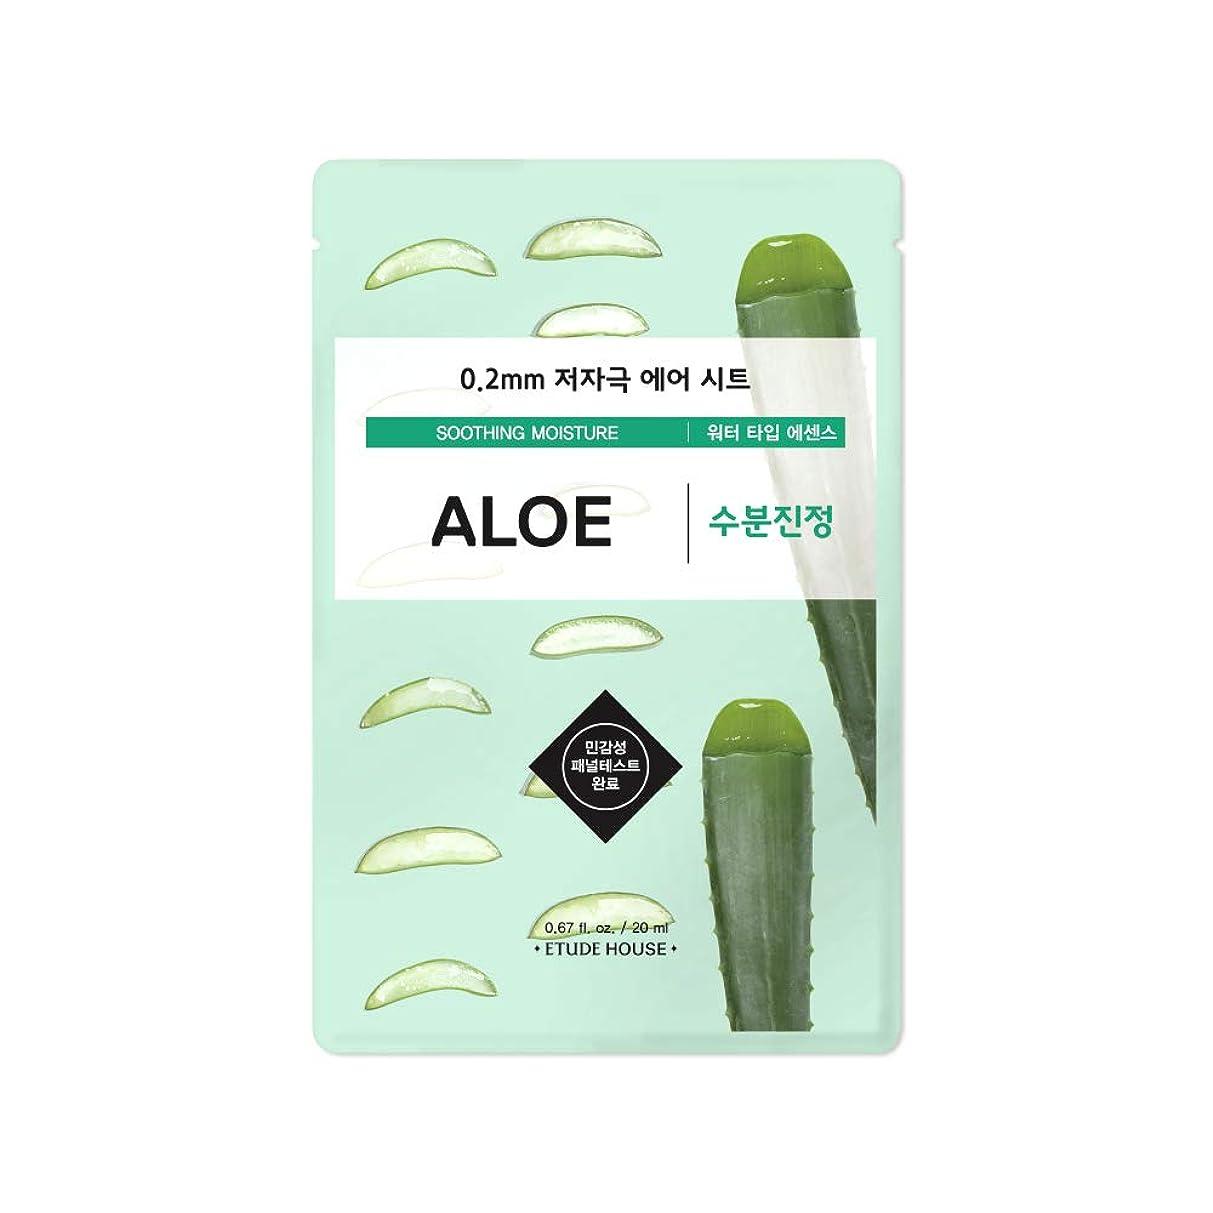 液化する版お祝いETUDE HOUSE 0.2 Therapy Air Mask 20ml×10ea (#01 Aloe)/エチュードハウス 0.2 セラピー エア マスク 20ml×10枚 (#01 Aloe)